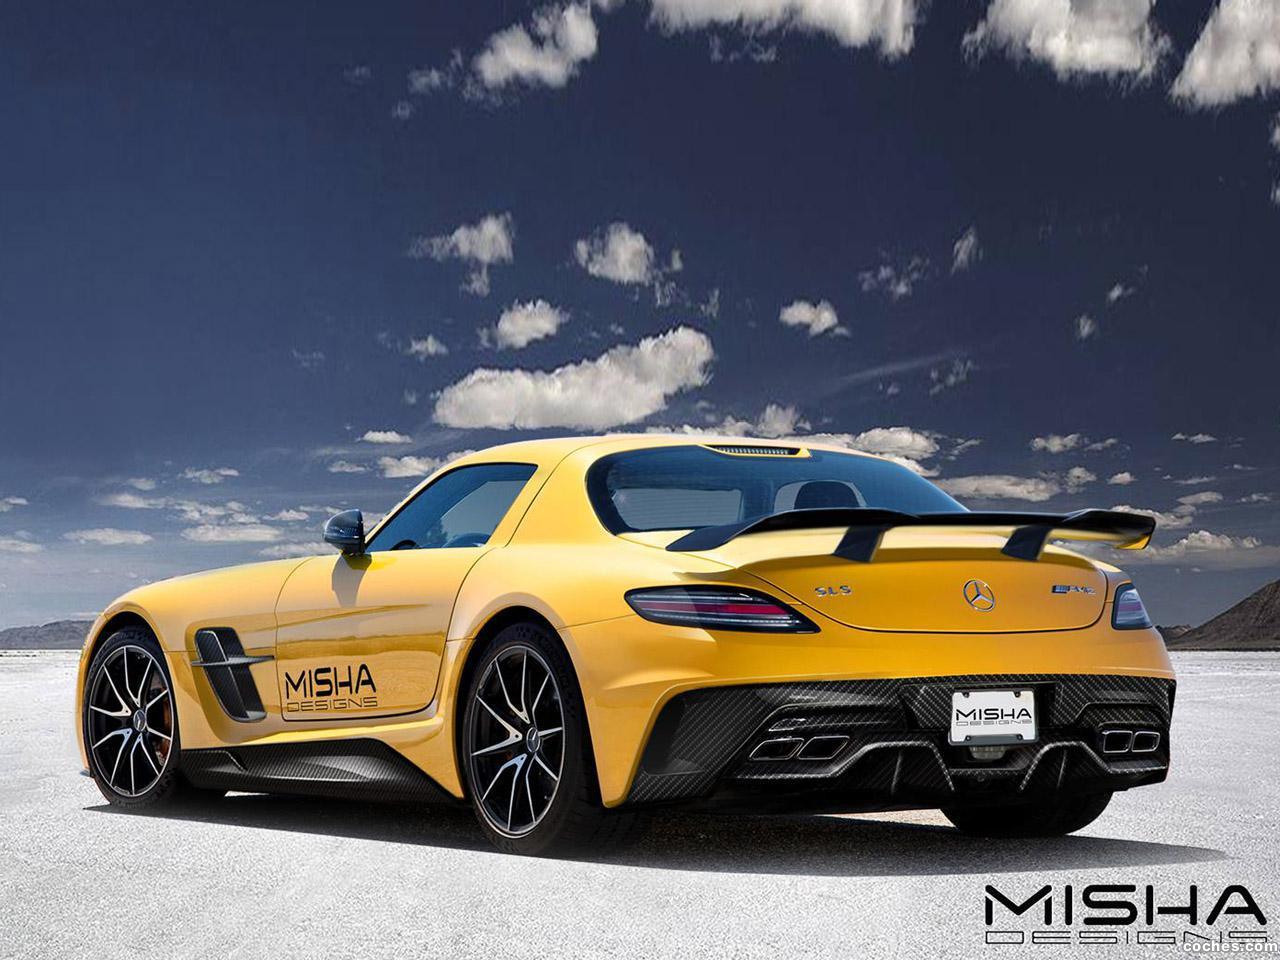 Foto 2 de Misha Mercedes SLS AMG 2014